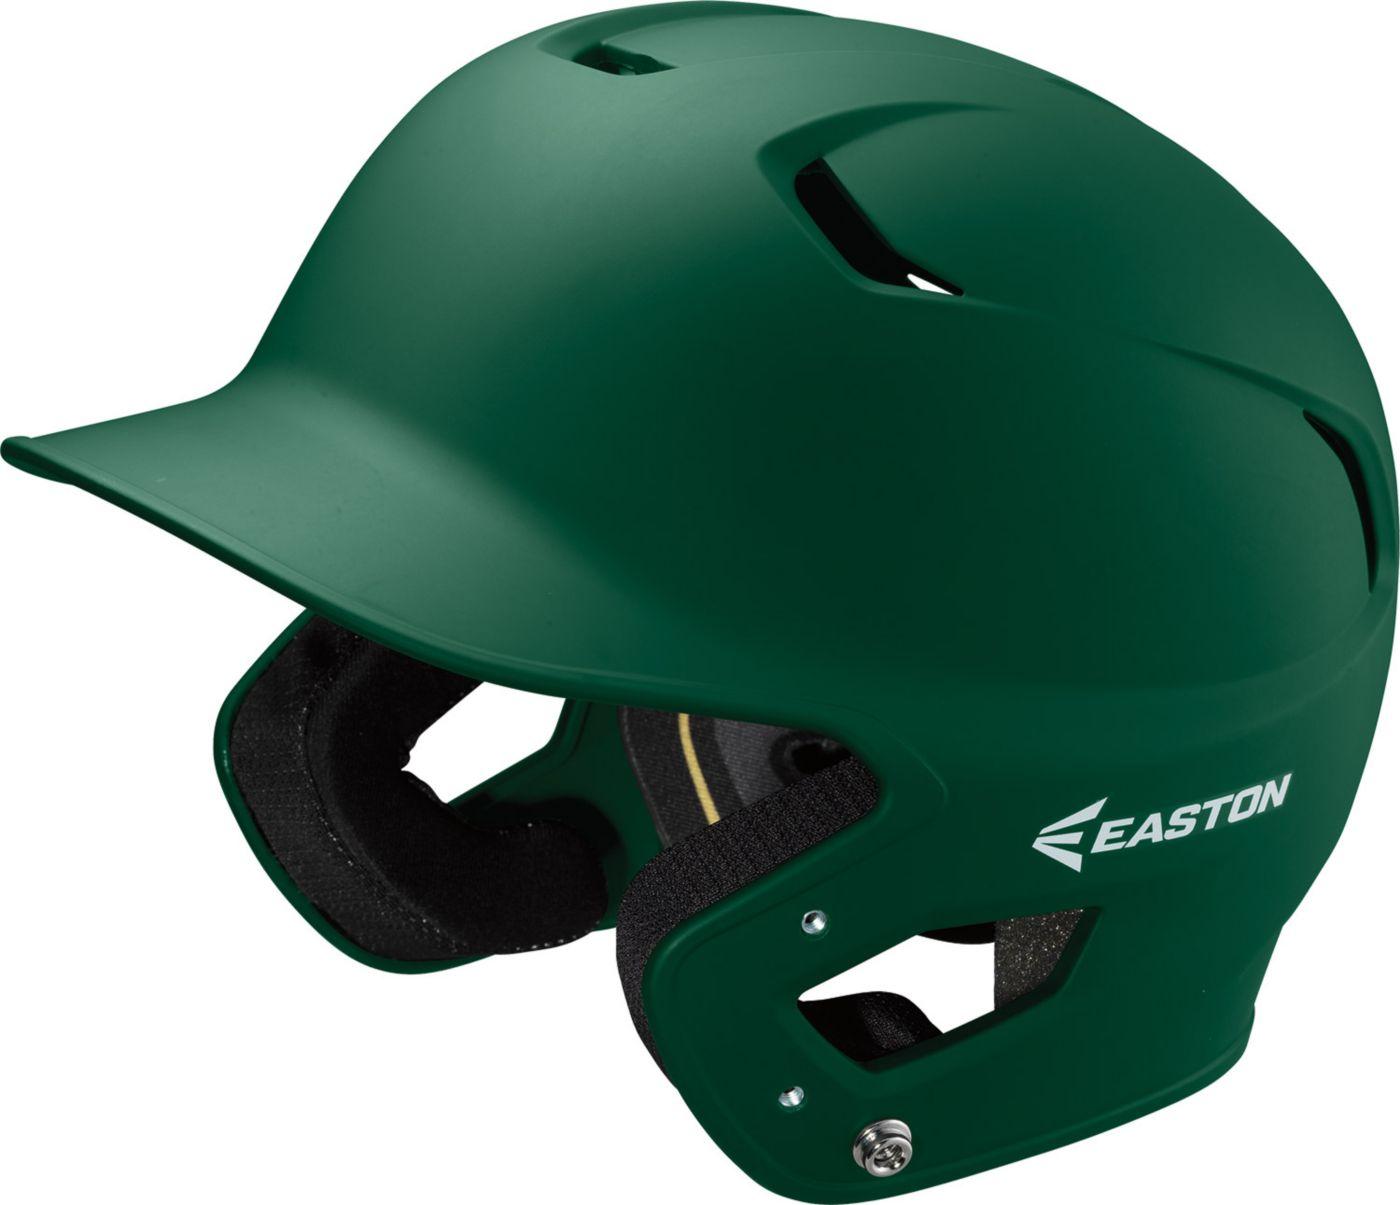 Easton Senior Z5 2.0 Batting Helmet